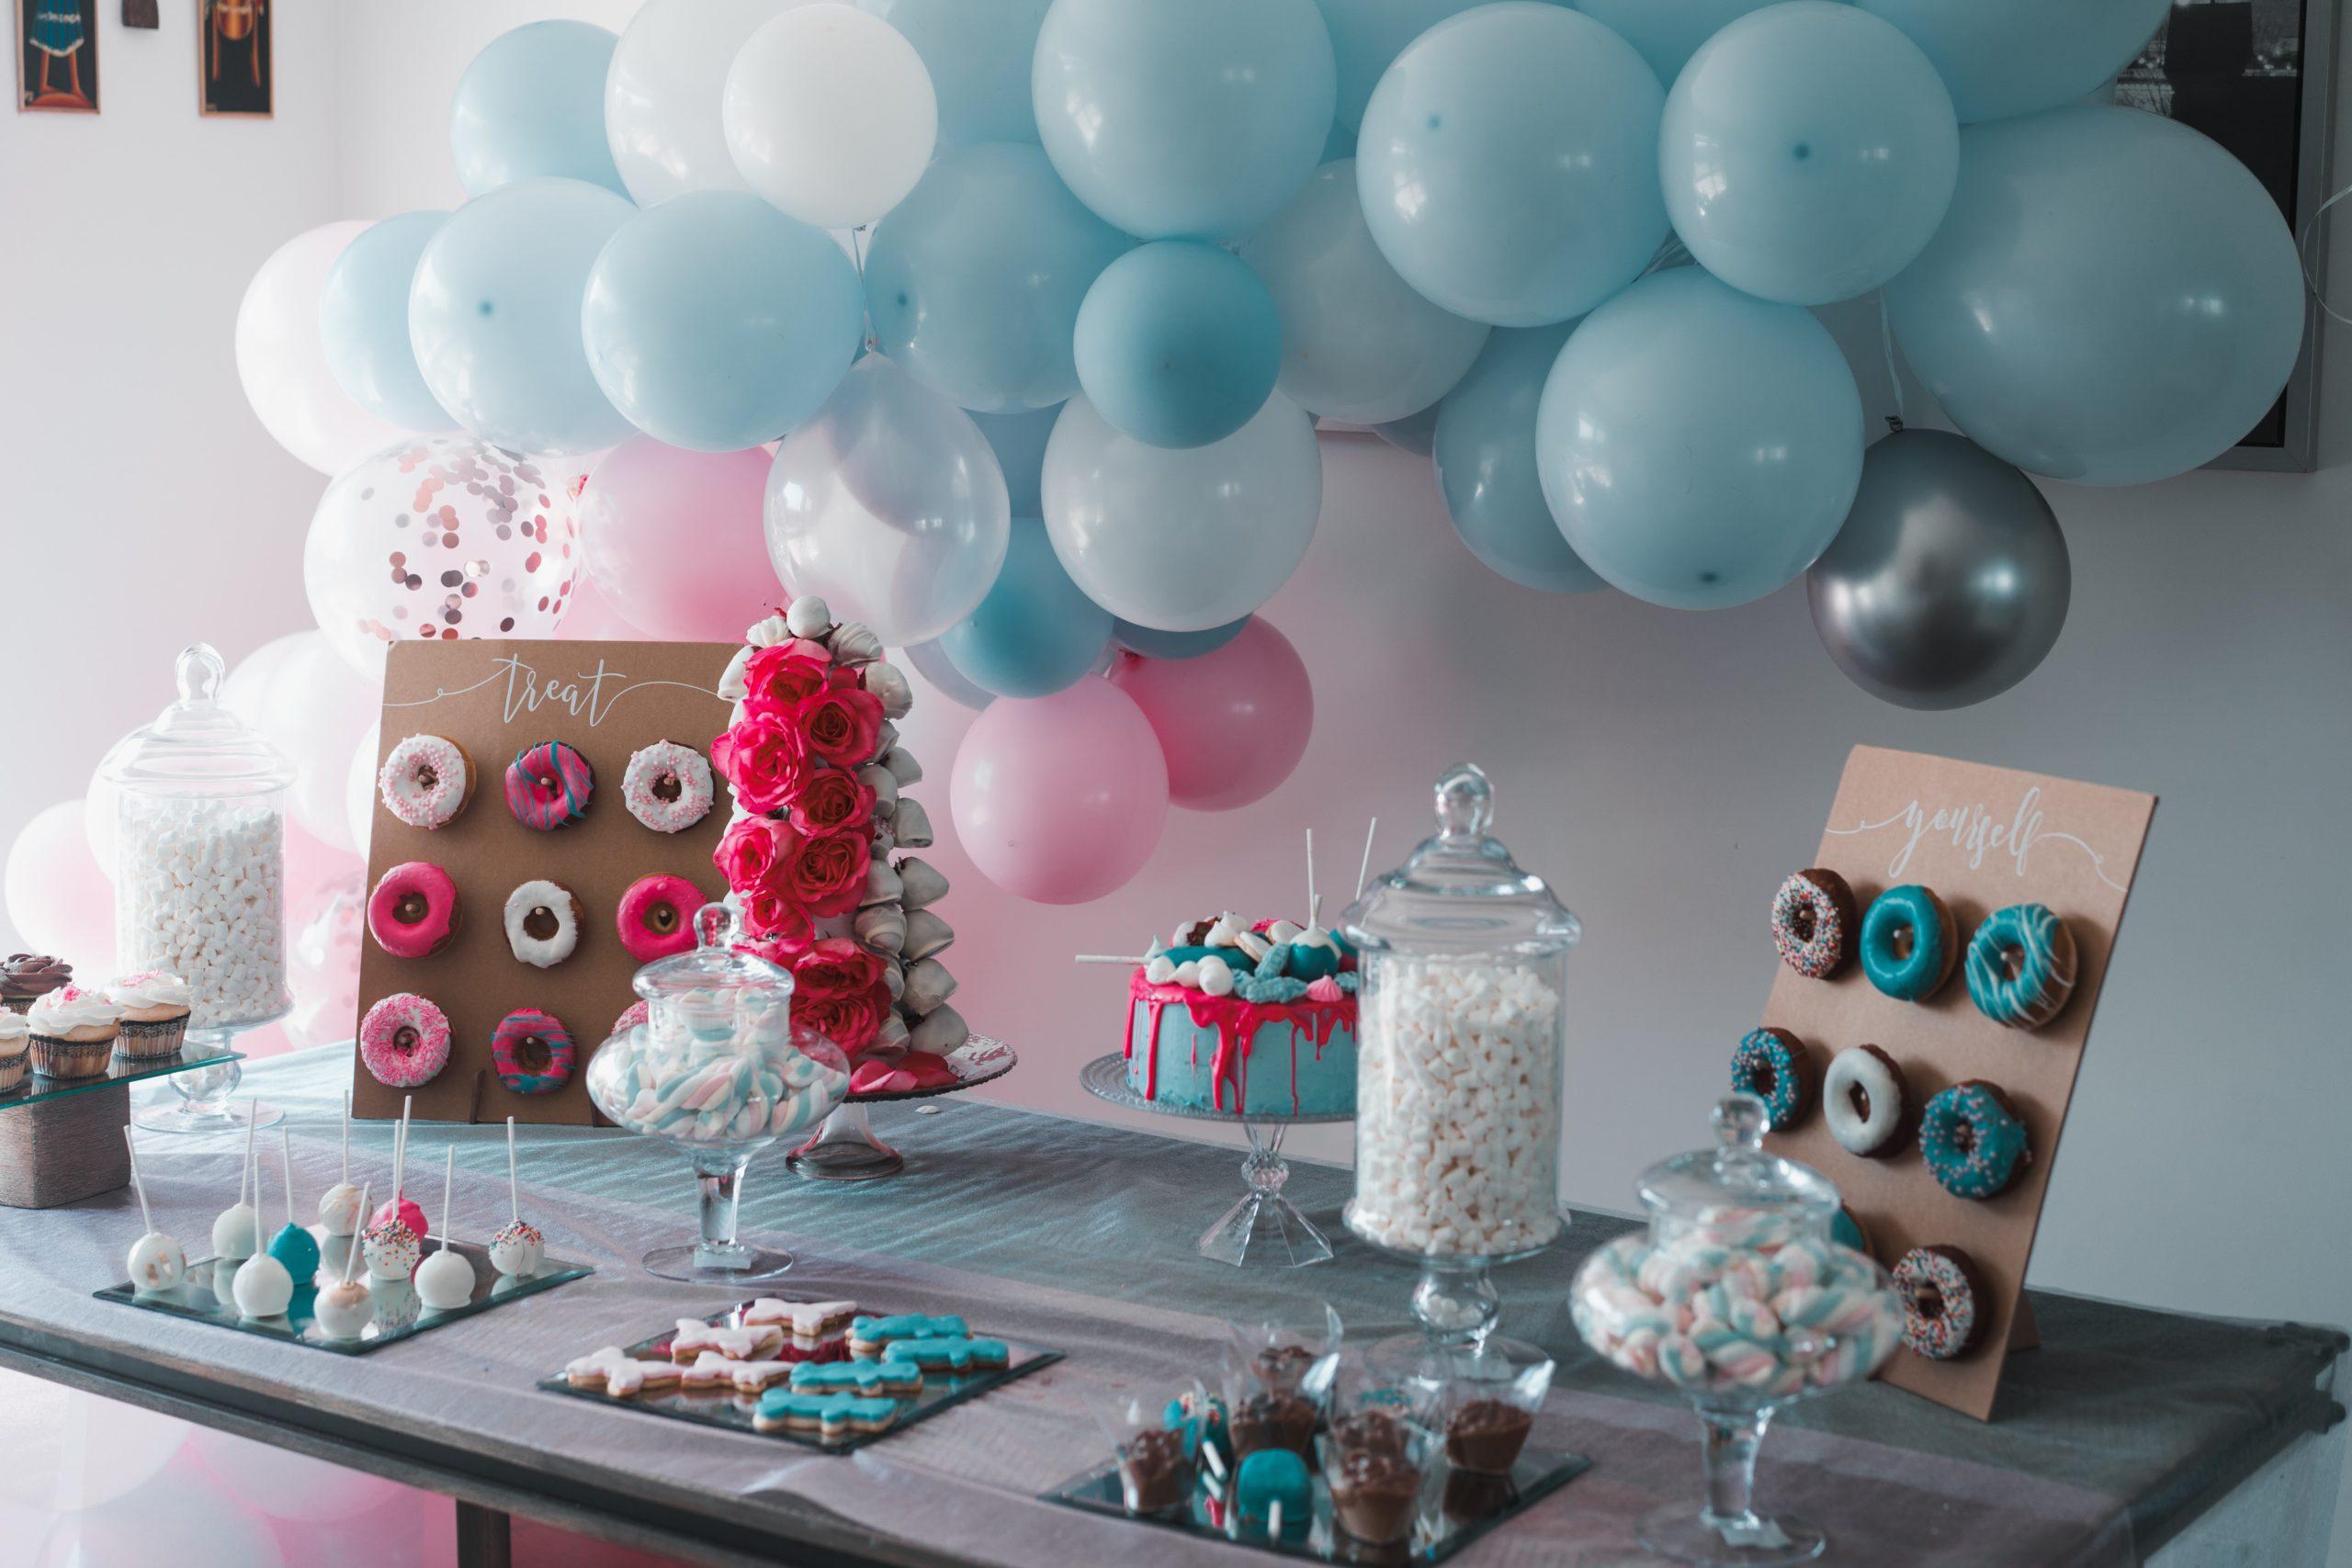 Organisez un anniversaire grandiose et sur-mesure